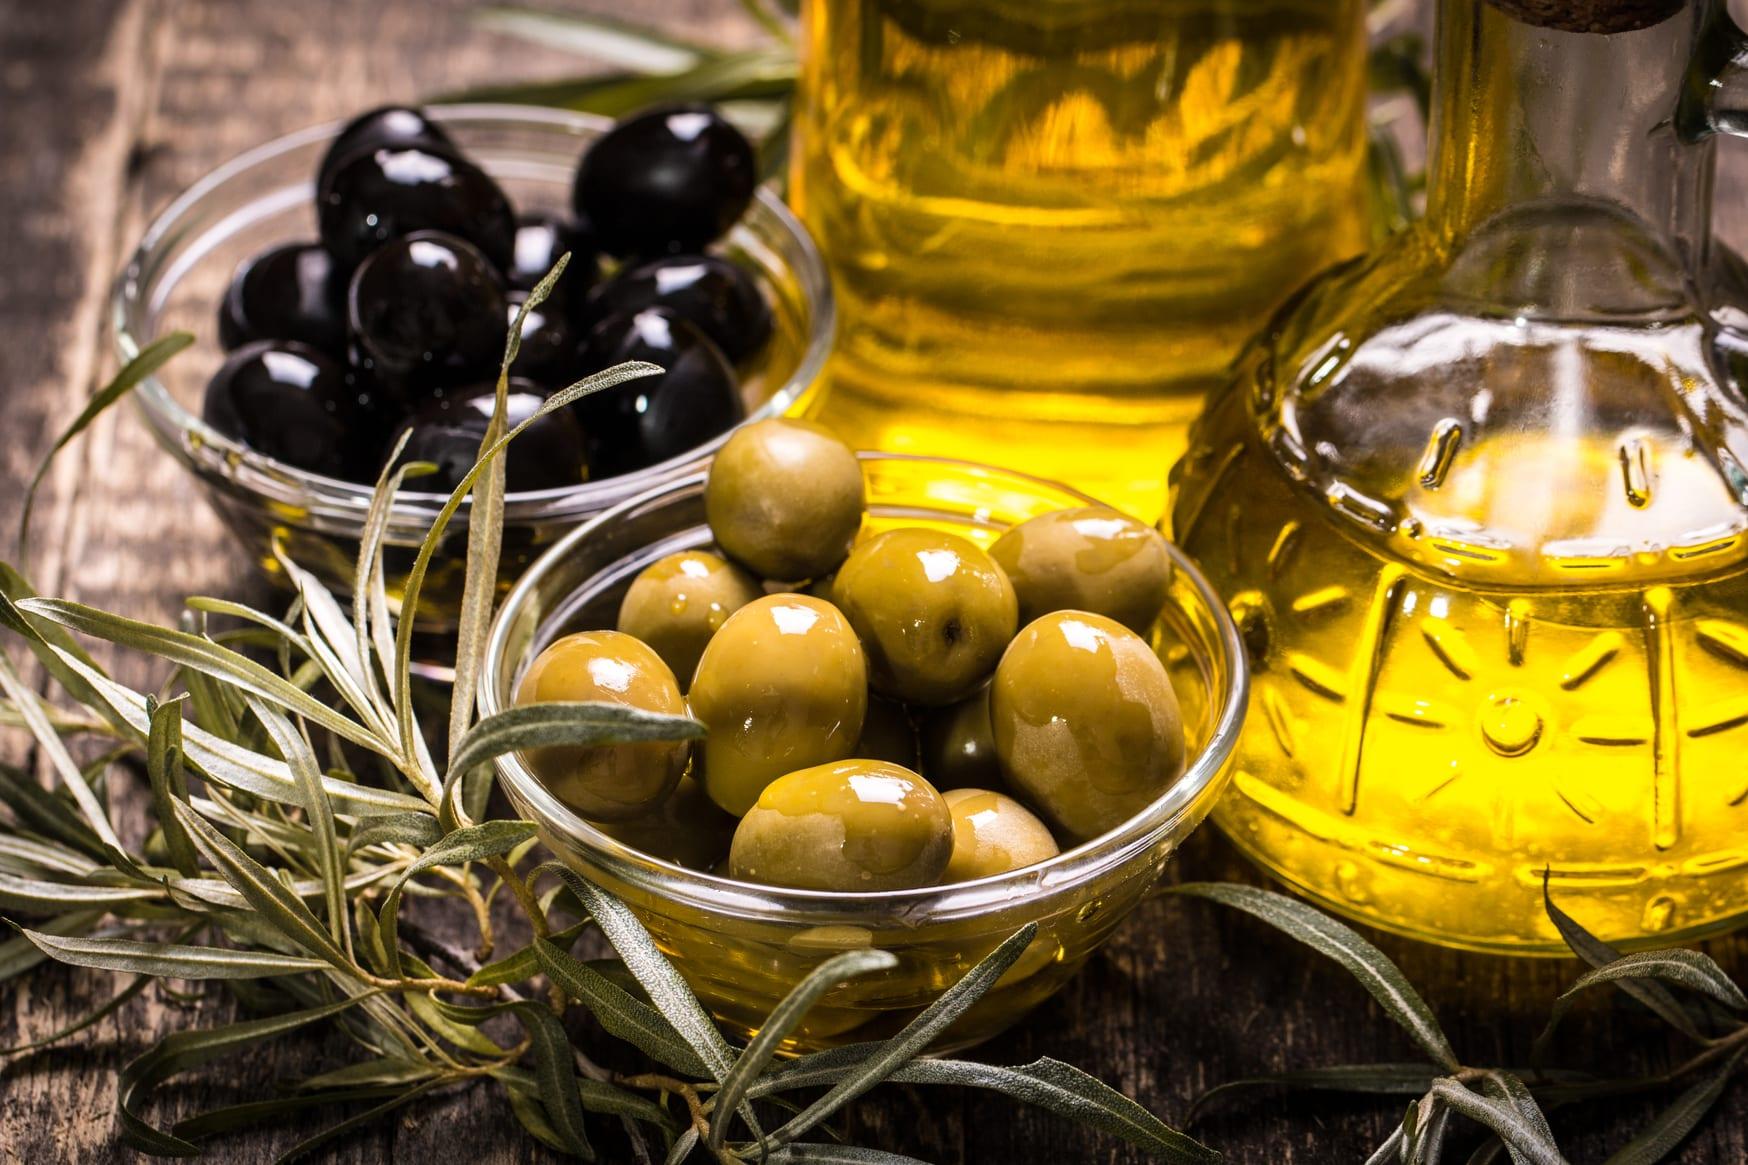 Zeytin yaprağı çayı yapımı Zeytin yaprağı çayı  nasıl yapılır Zeytin yaprağı çayı nasıl içilir Zeytin yaprağı çayı faydaları